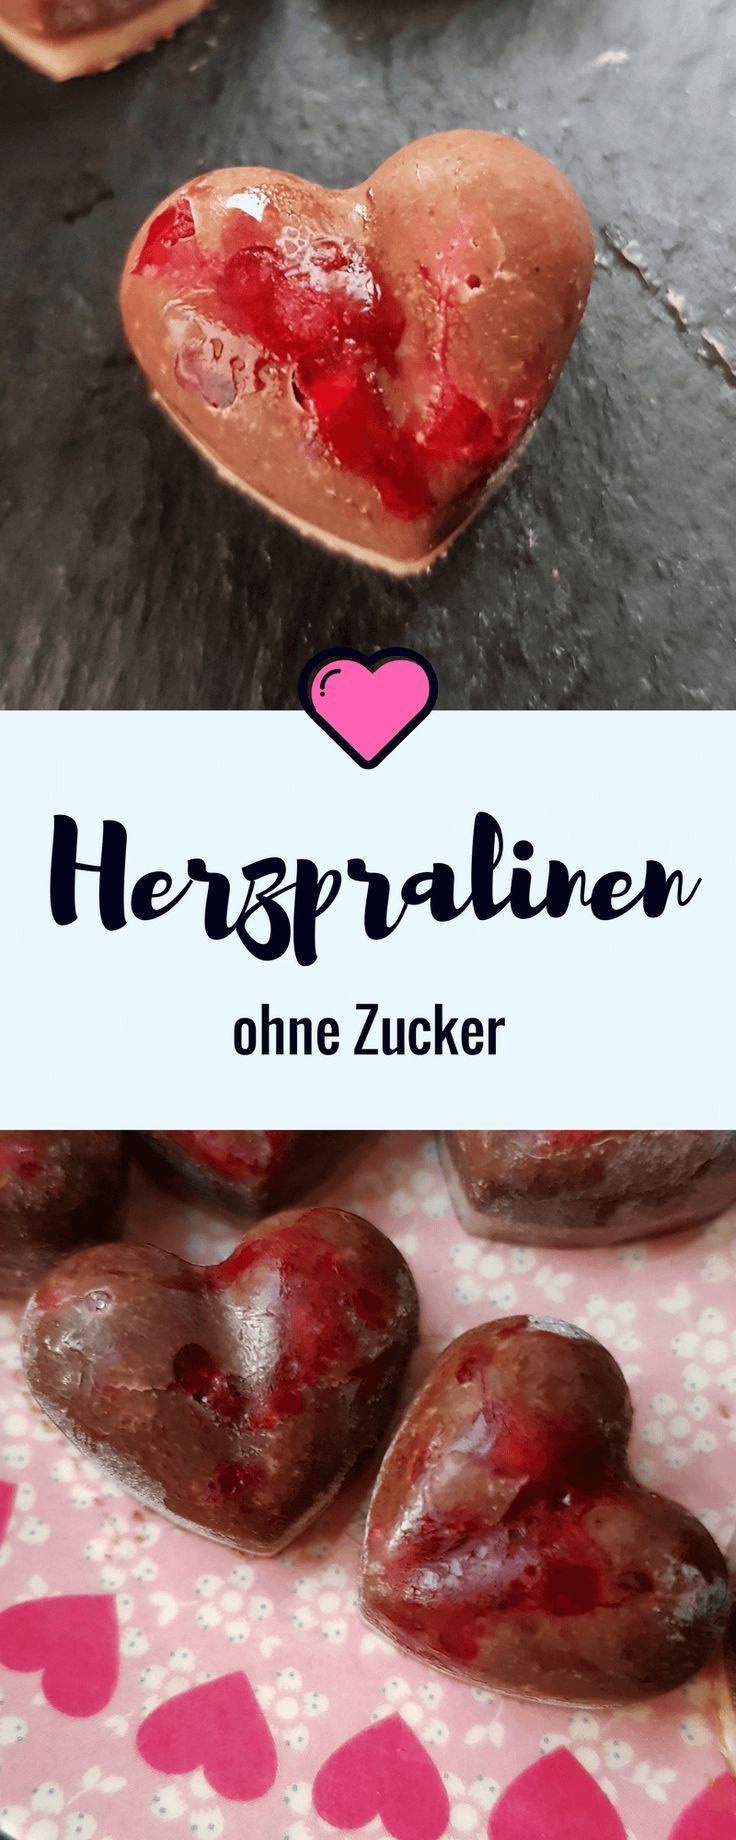 zuckerfreie Pralinen: Himbeer-Herzen einfach selber machen. #zuckerfrei #pralinen #himbeeren #herzen #valentinstag